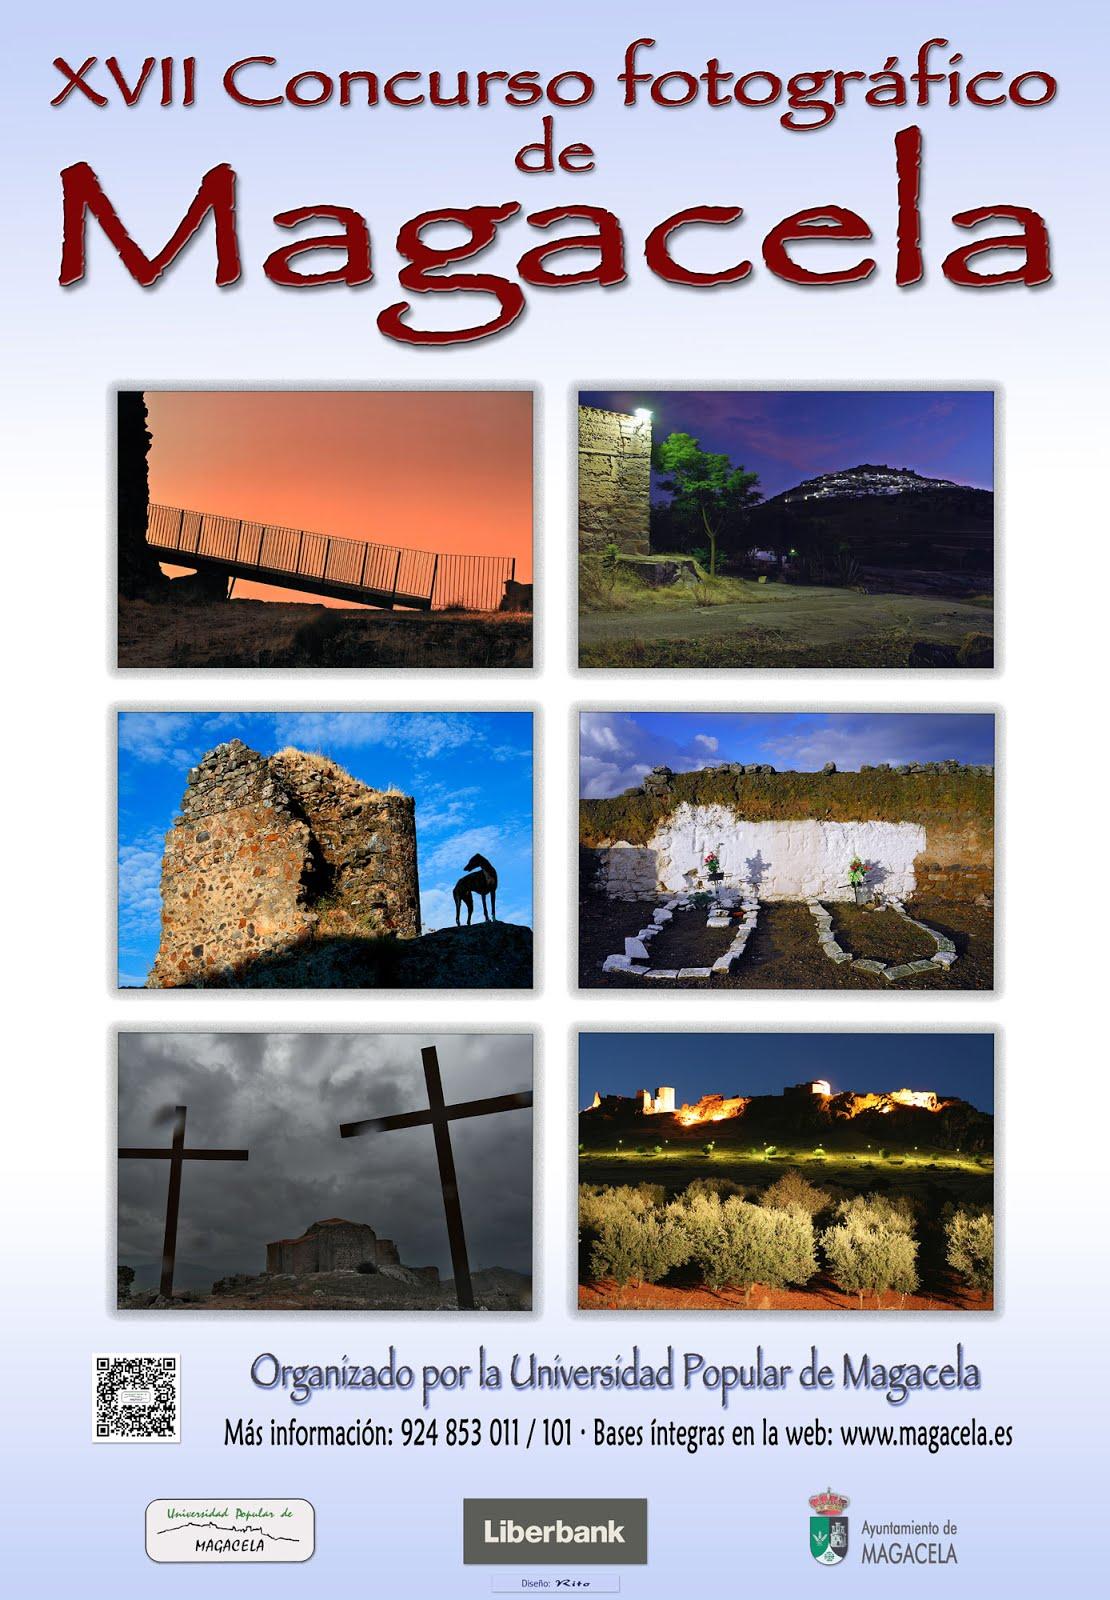 XVII Concurso Fotografía Magacela